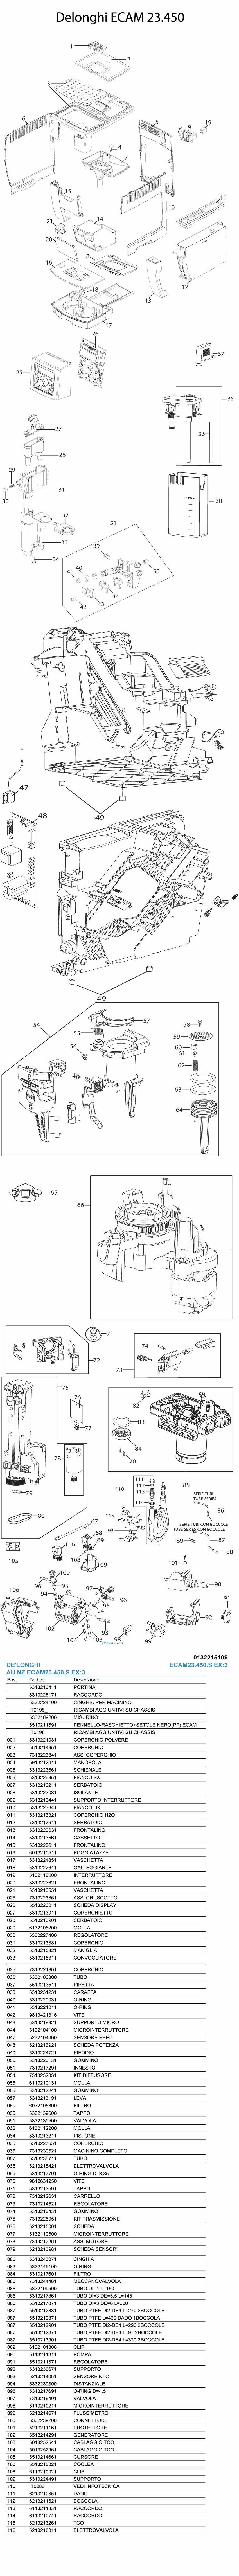 Delonghi Magnifica Parts Diagram Delonghi Ecam 23 450 Spare Parts Of Delonghi Magnifica Parts Diagram